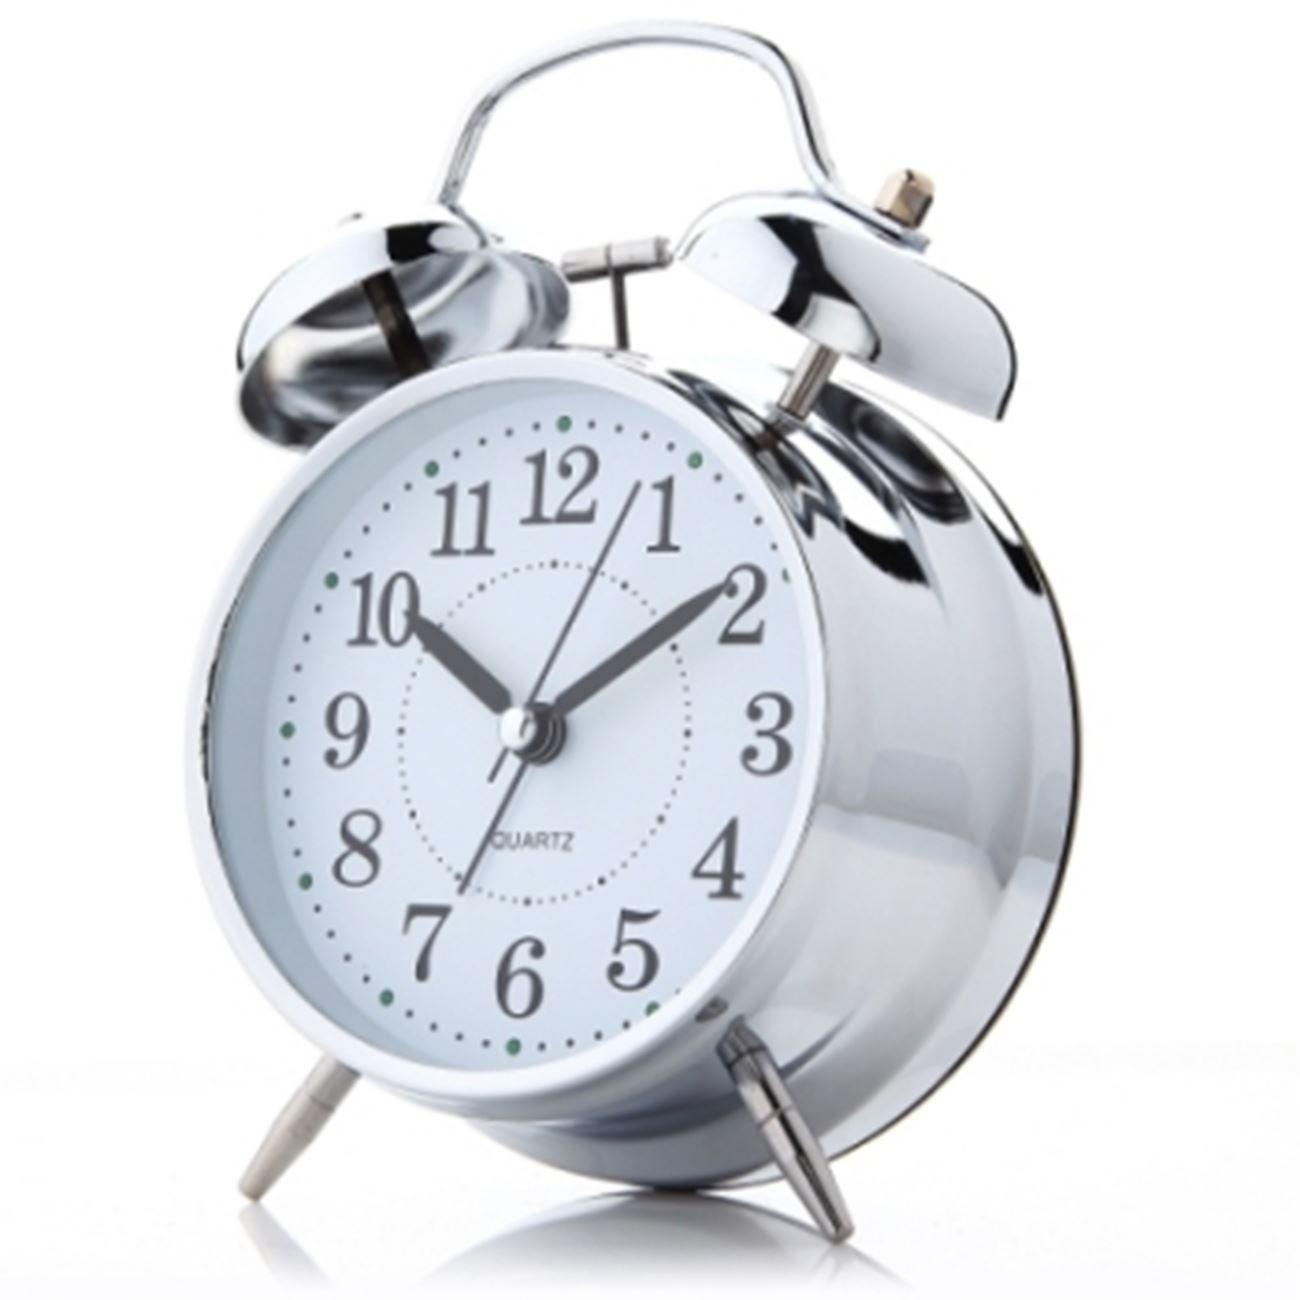 Ξυπνητήρι αντίκα μπαταρίας με φως και μηχανικο κουδούνισμα   Ρολόγια ... 4d470b70b0d